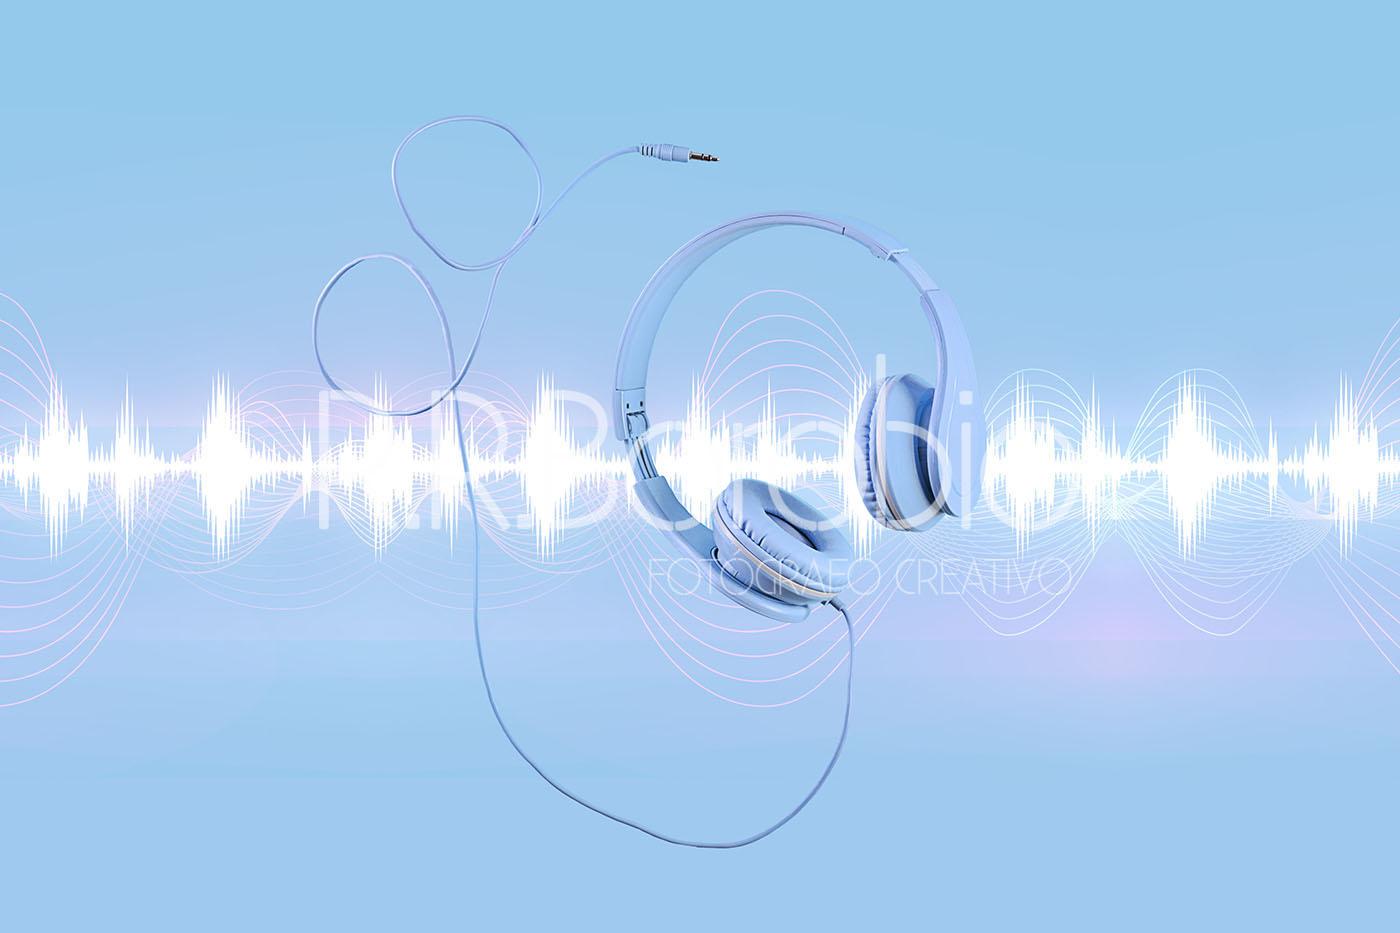 fotografia producto auriculares 1 - Fotografía de producto con auriculares